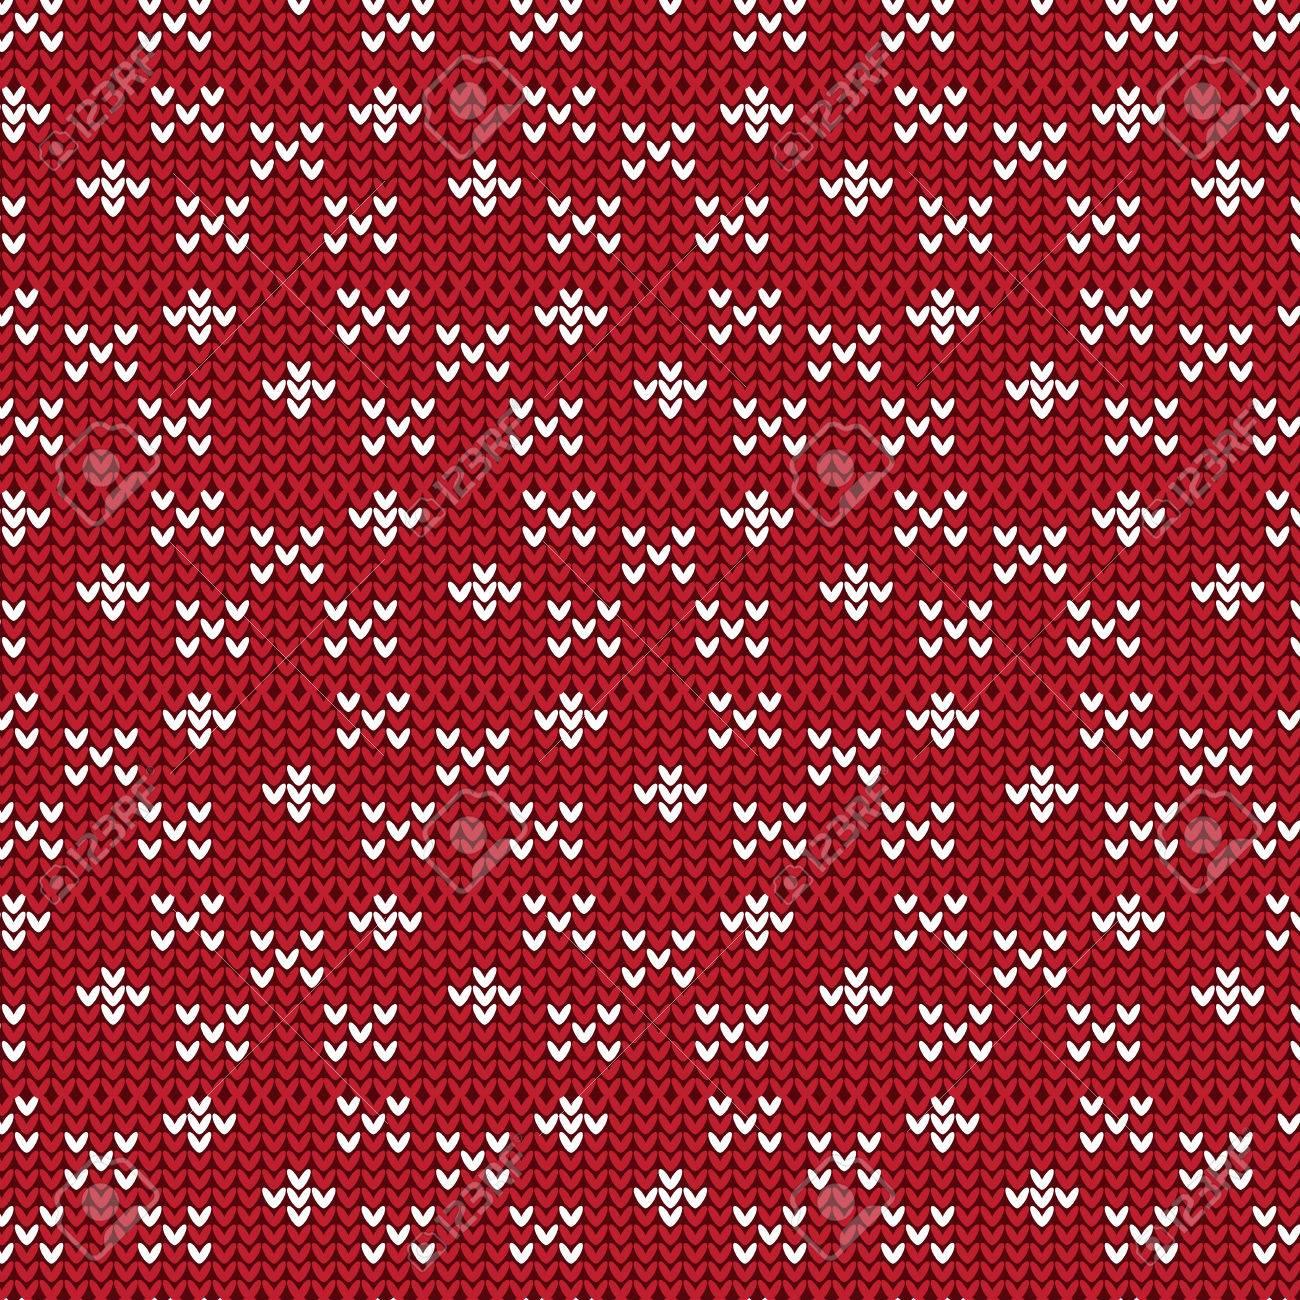 Rojo Y Blanco Cruz Signo Y Forma De Diamante Tejido De Patrón De ...